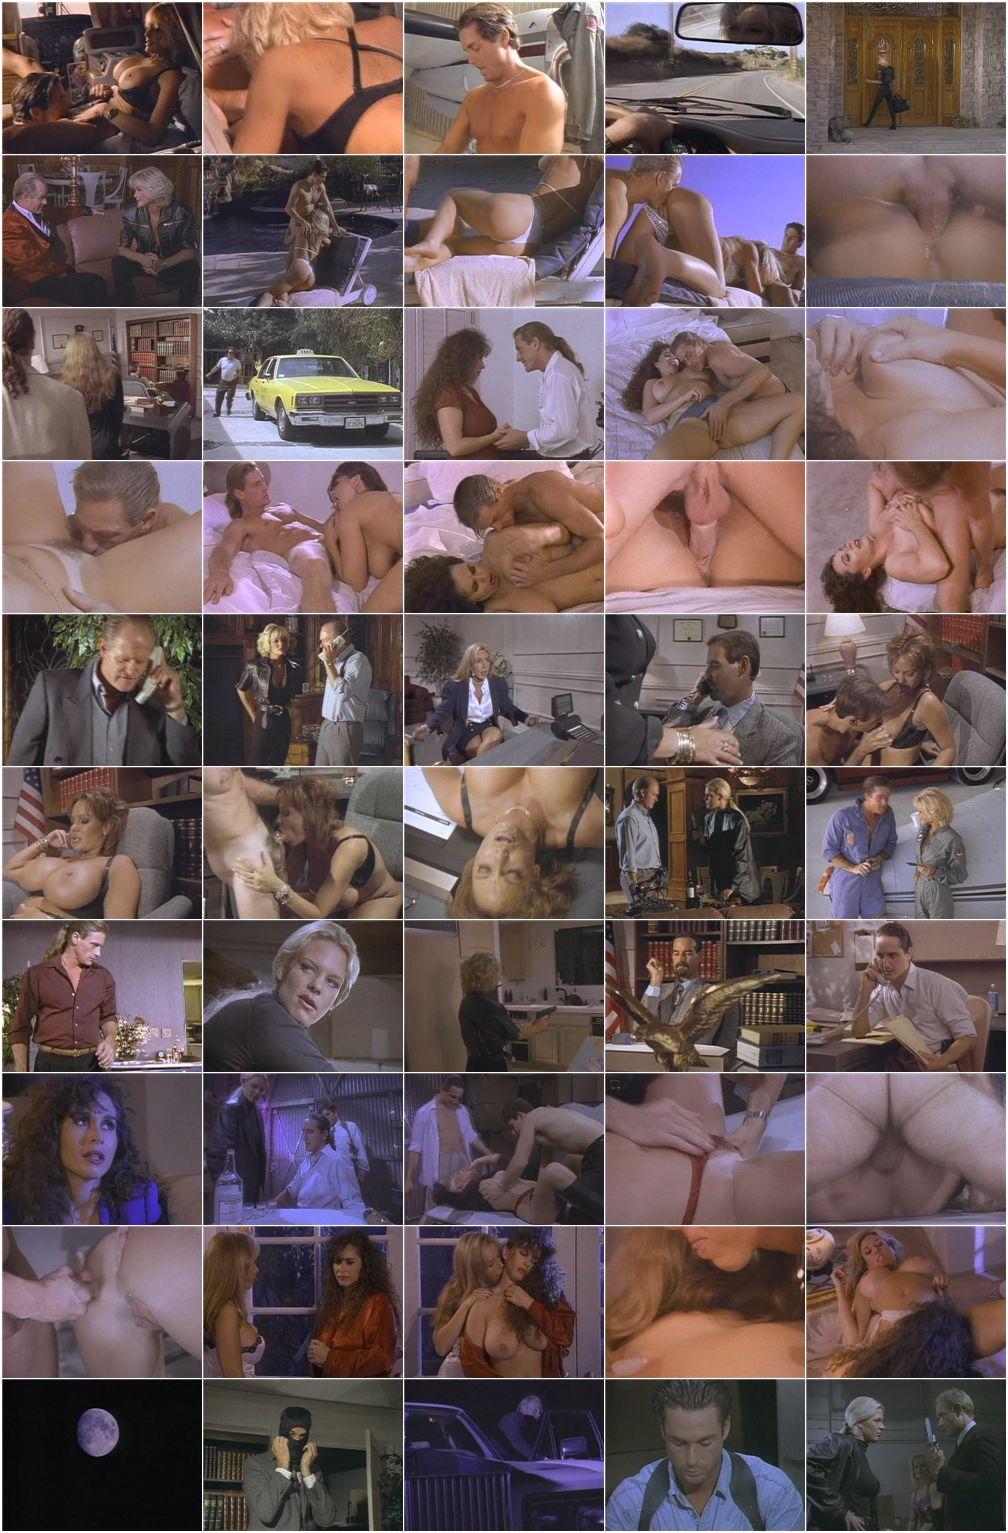 Как порно актрисам гримируют анус перед съемками видео — img 7